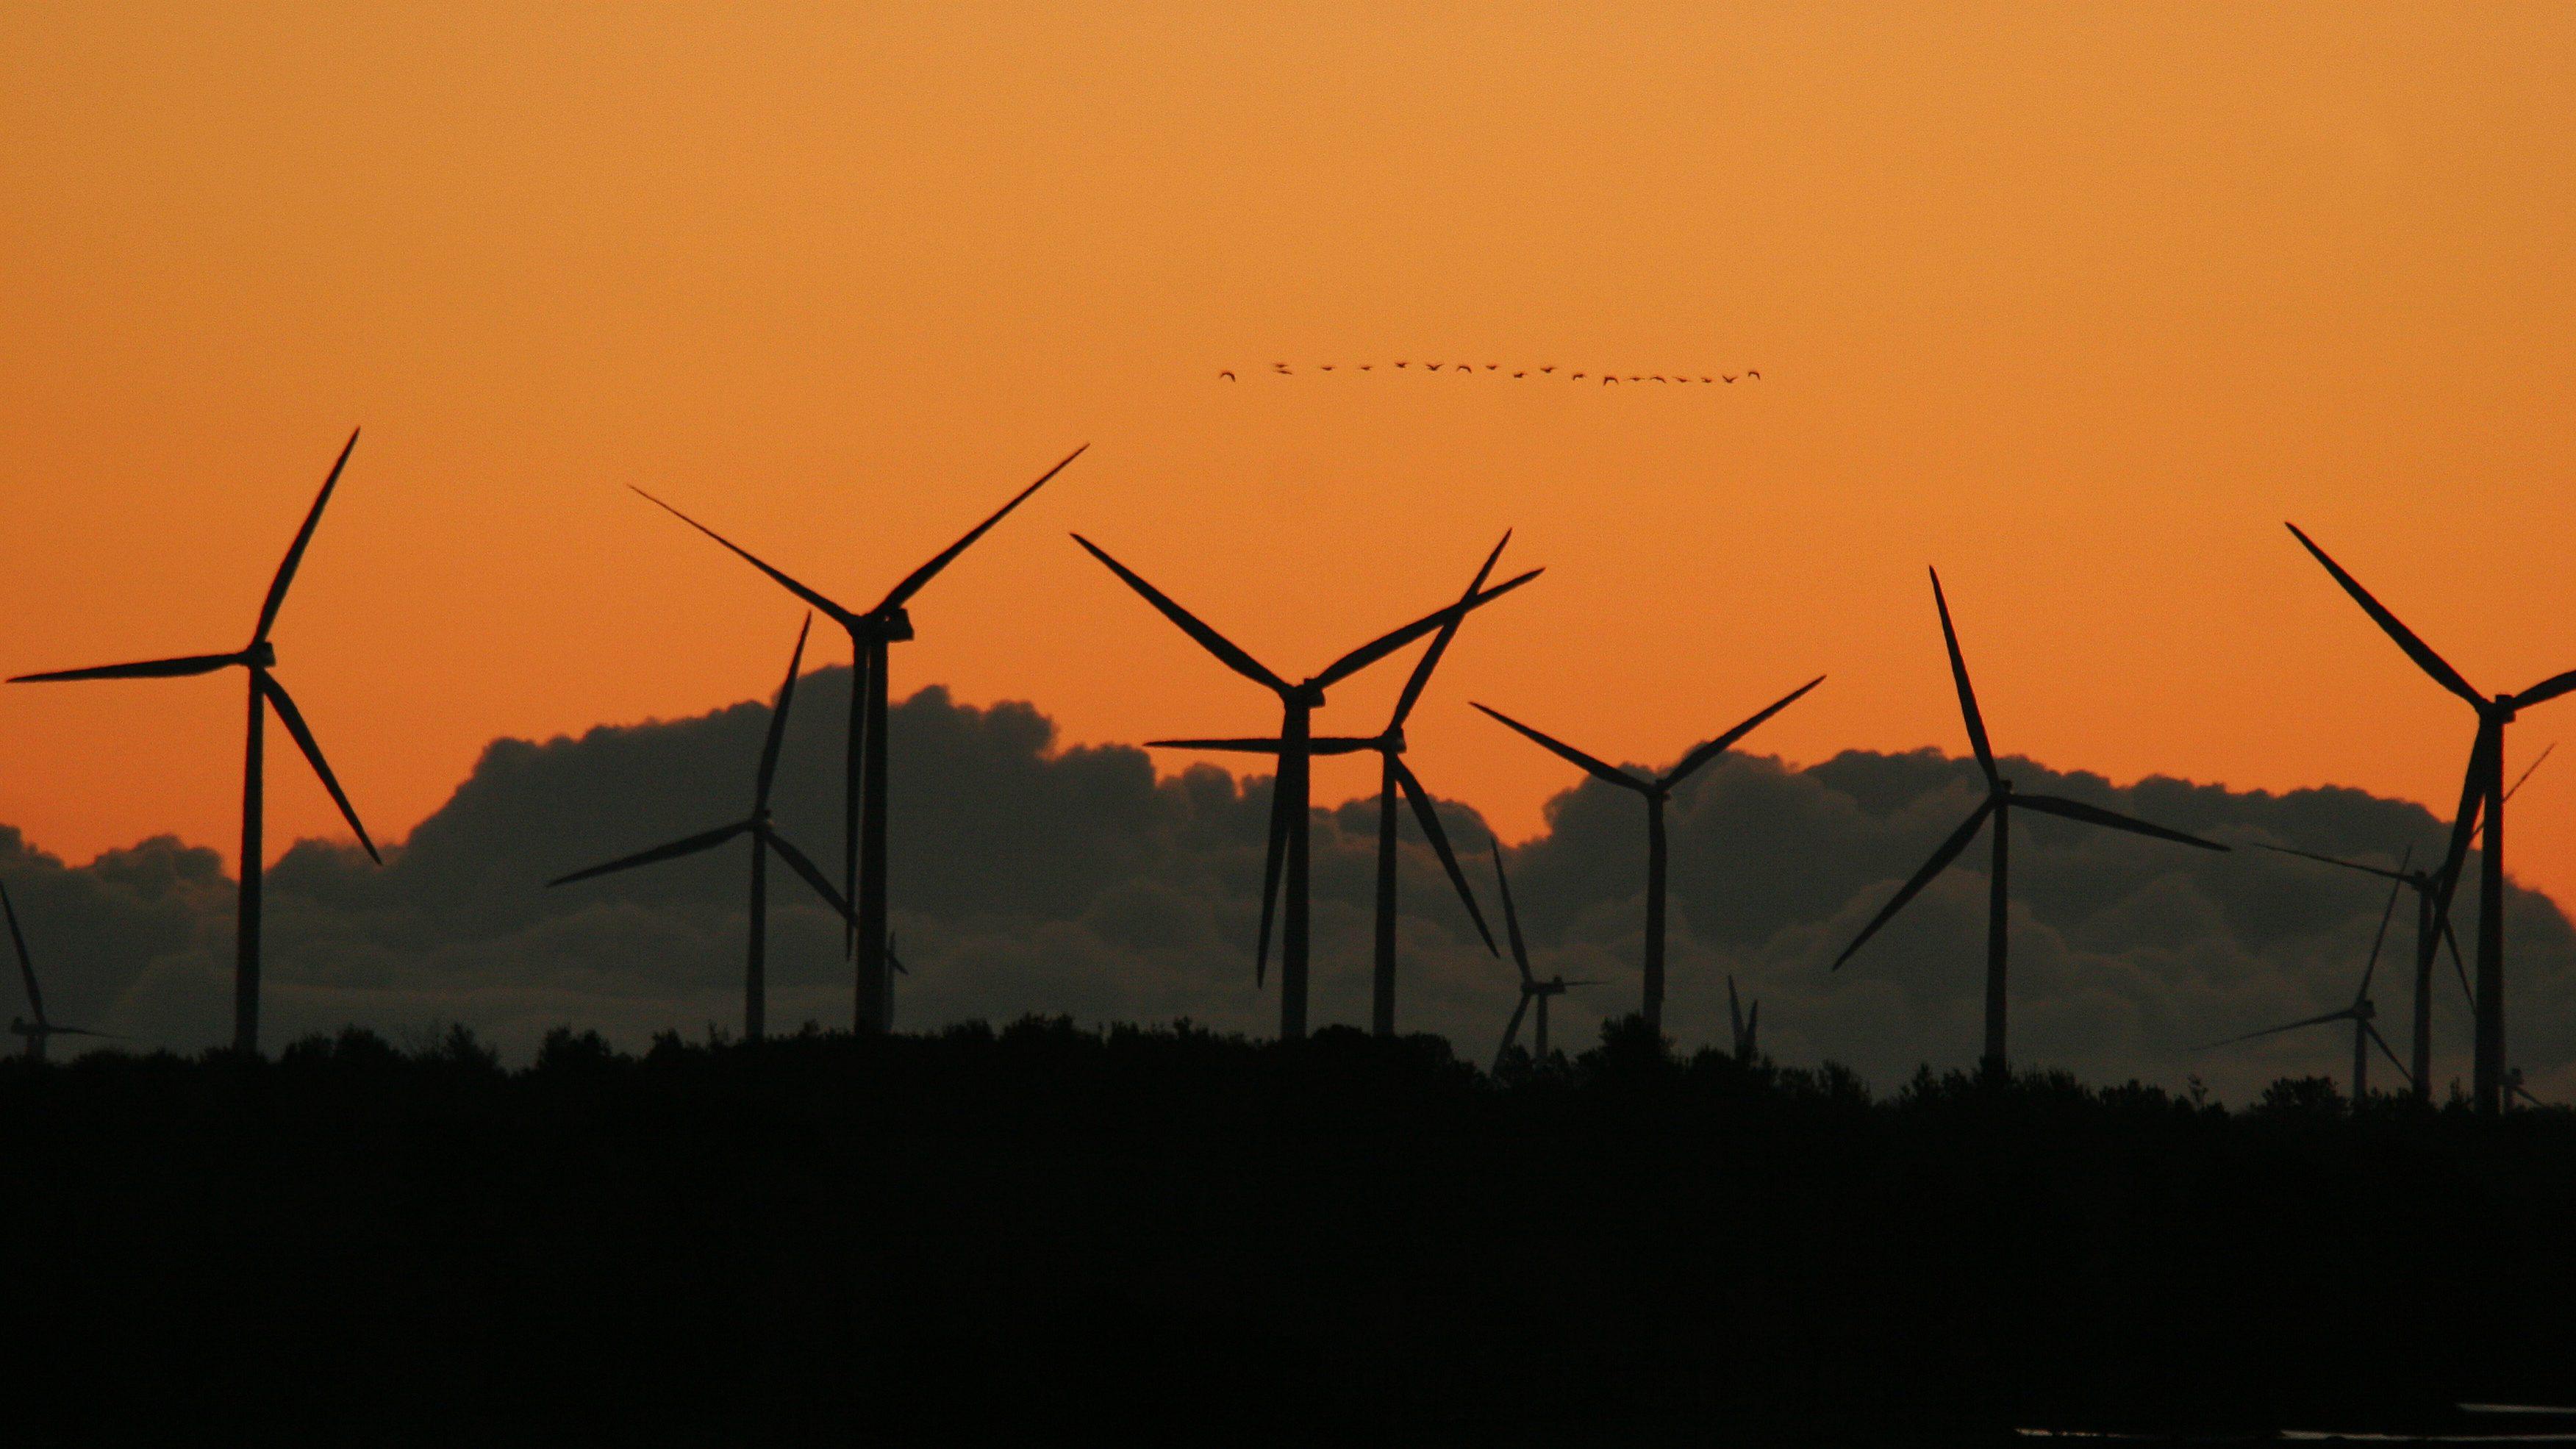 Menos vento reduz produção da EDP Renováveis em 4% até março